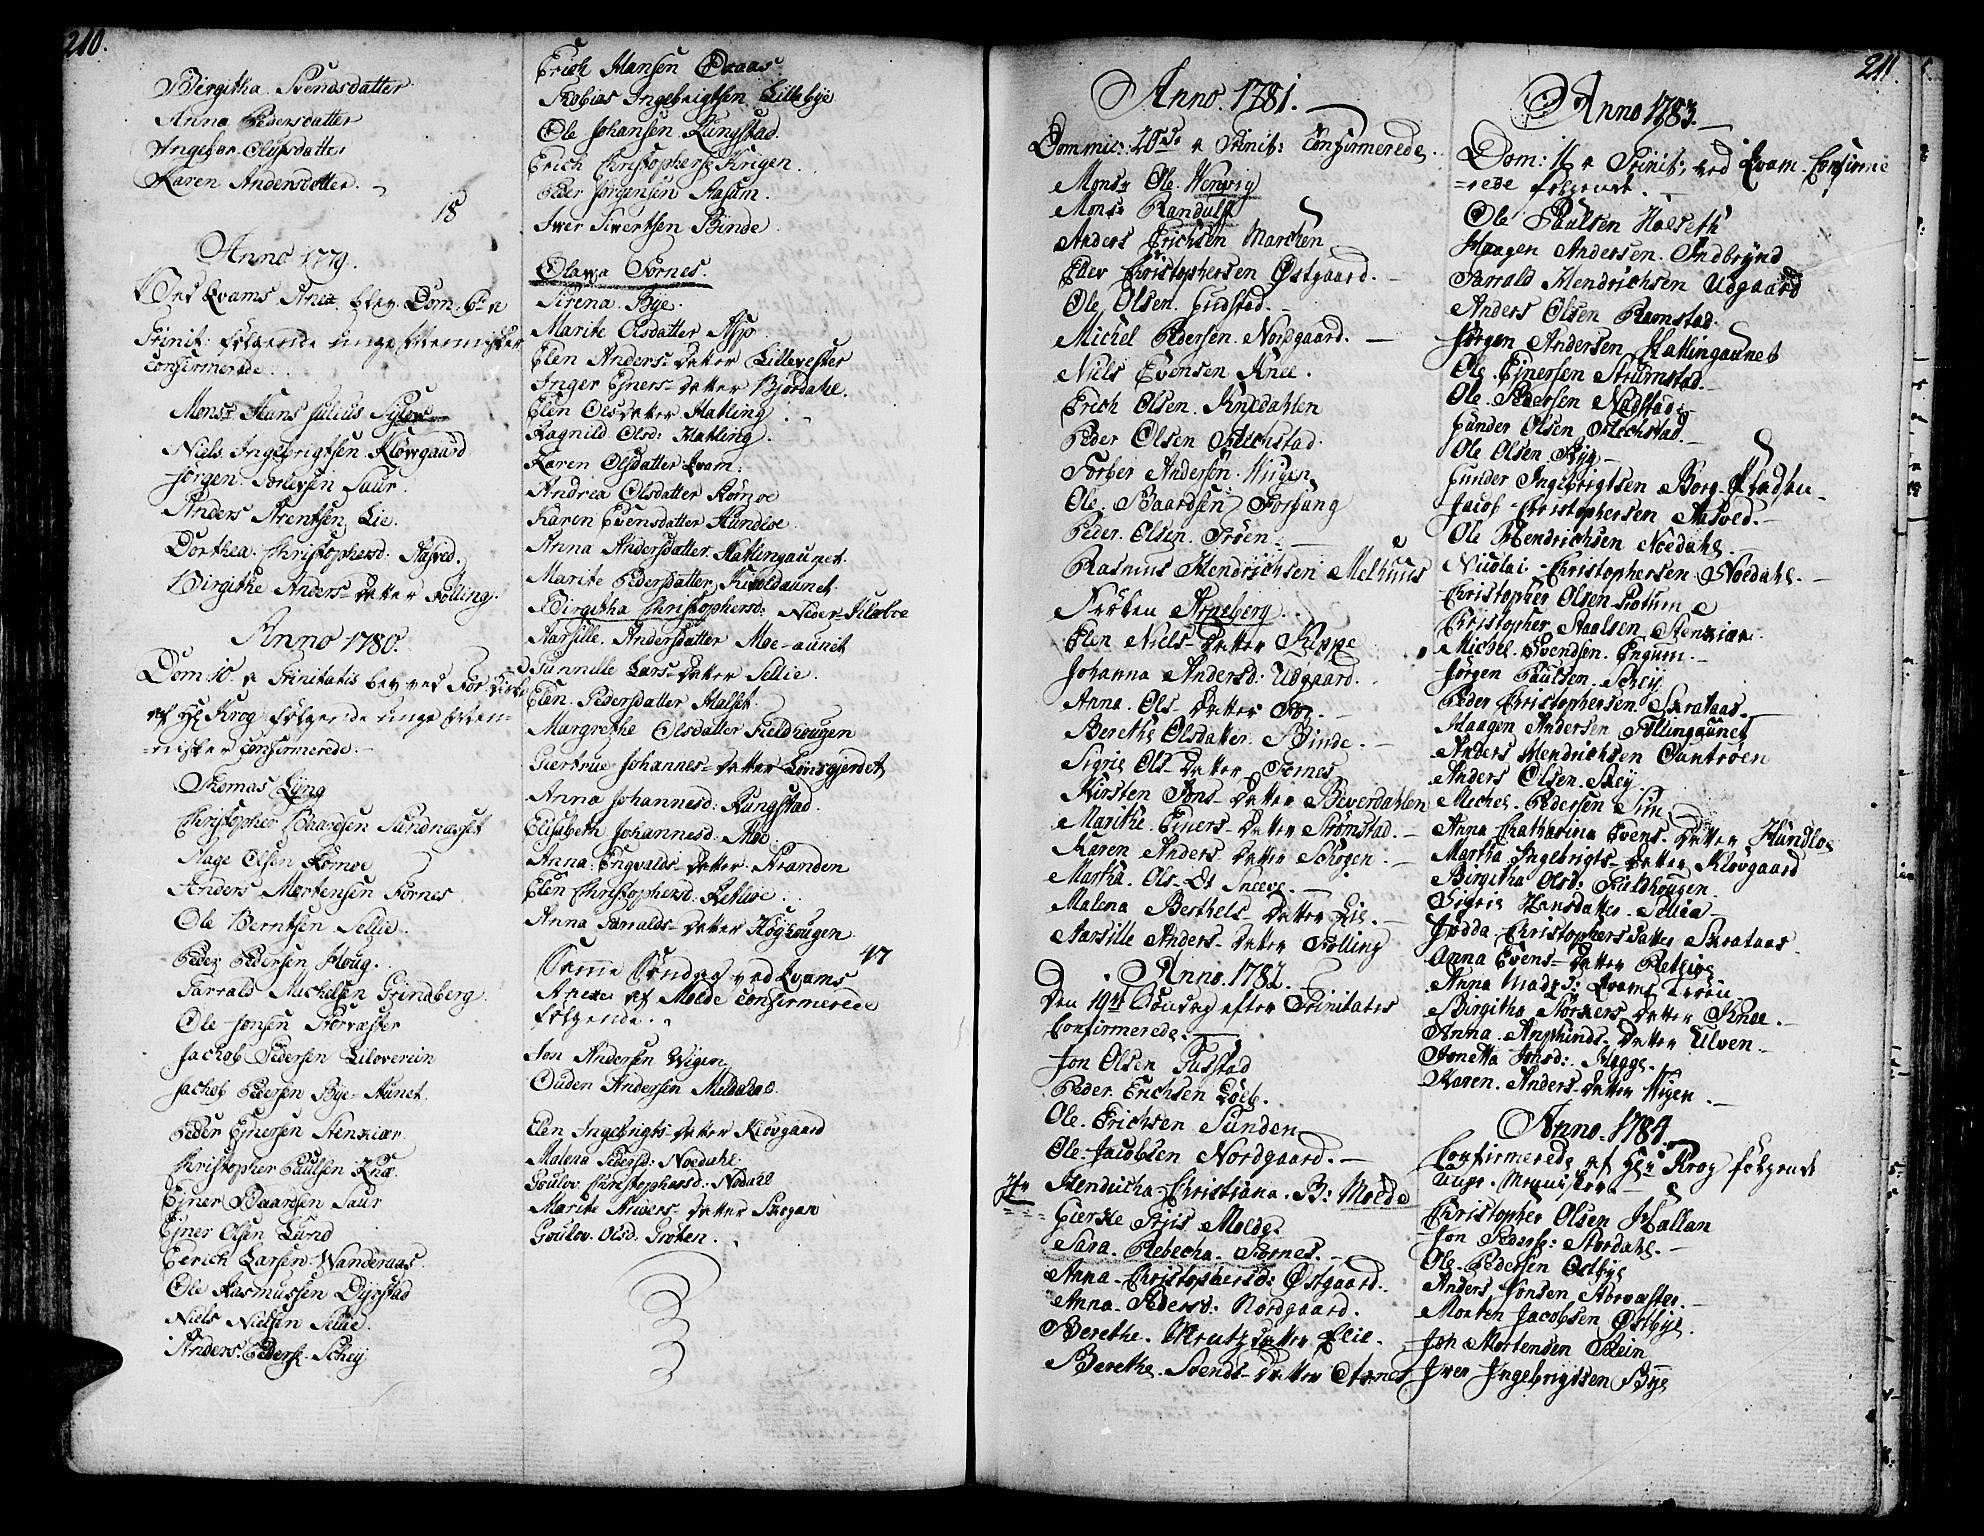 SAT, Ministerialprotokoller, klokkerbøker og fødselsregistre - Nord-Trøndelag, 746/L0440: Ministerialbok nr. 746A02, 1760-1815, s. 210-211